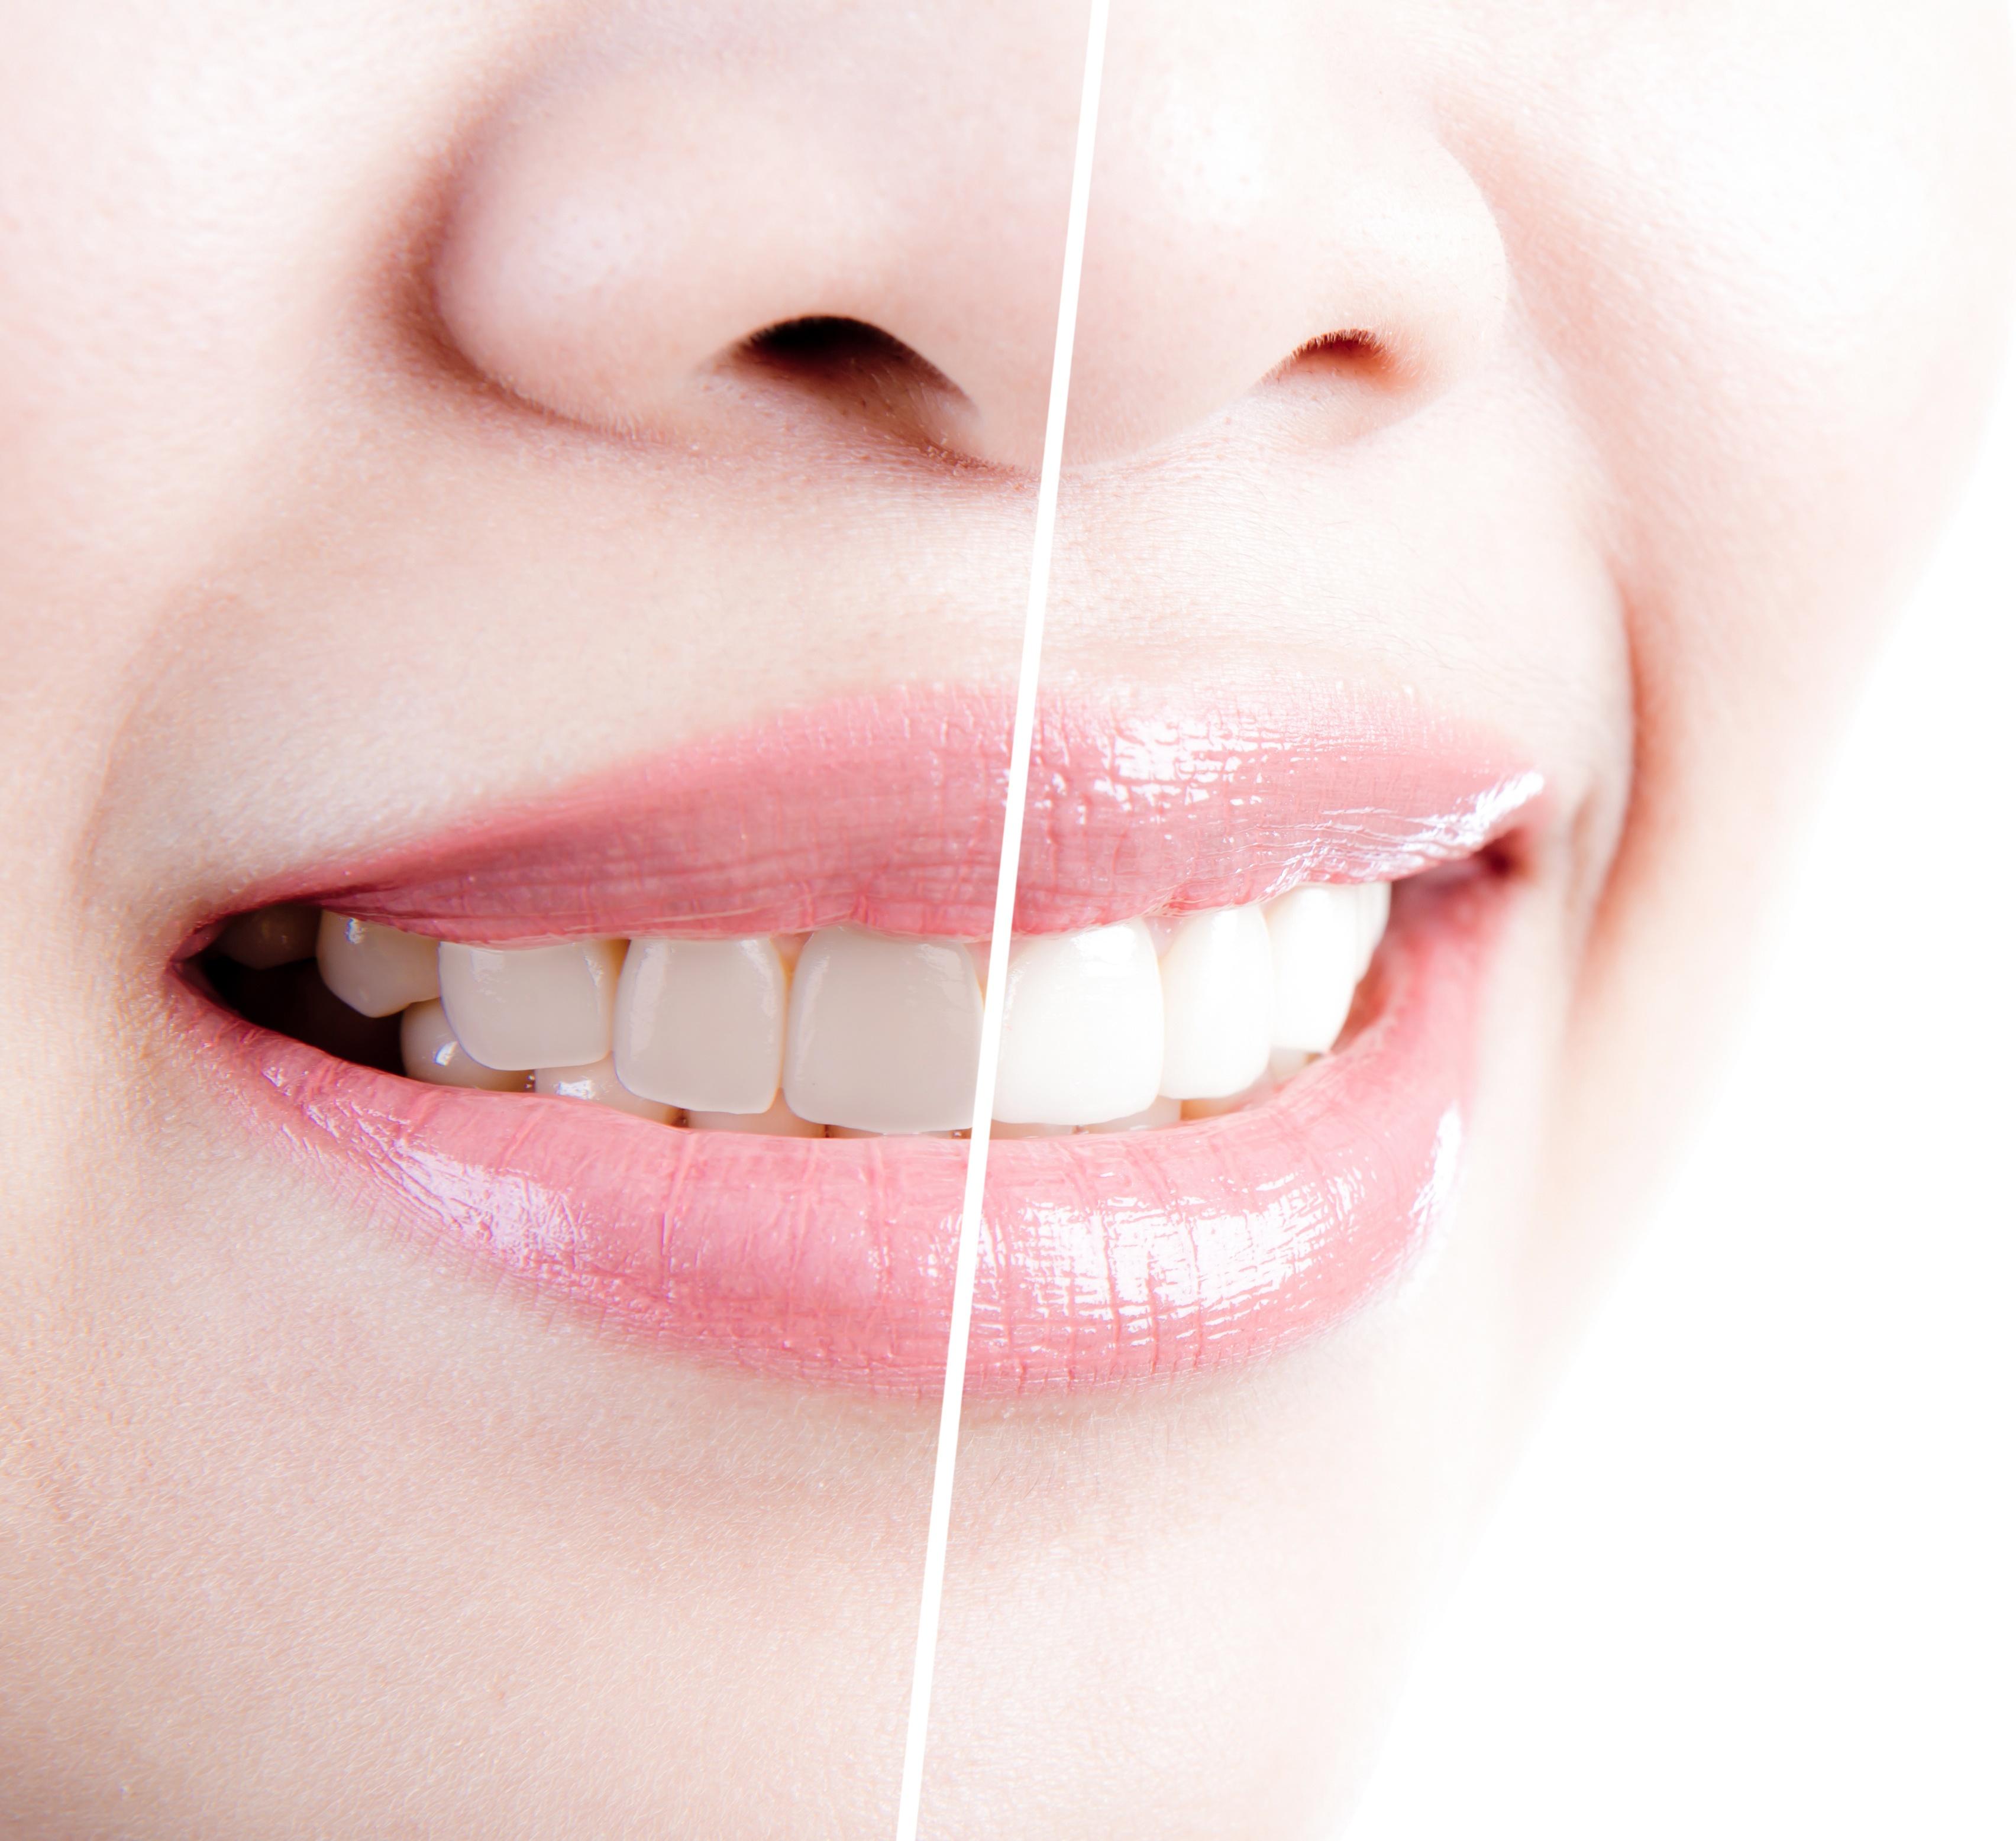 Teeth Whitening in Louisville